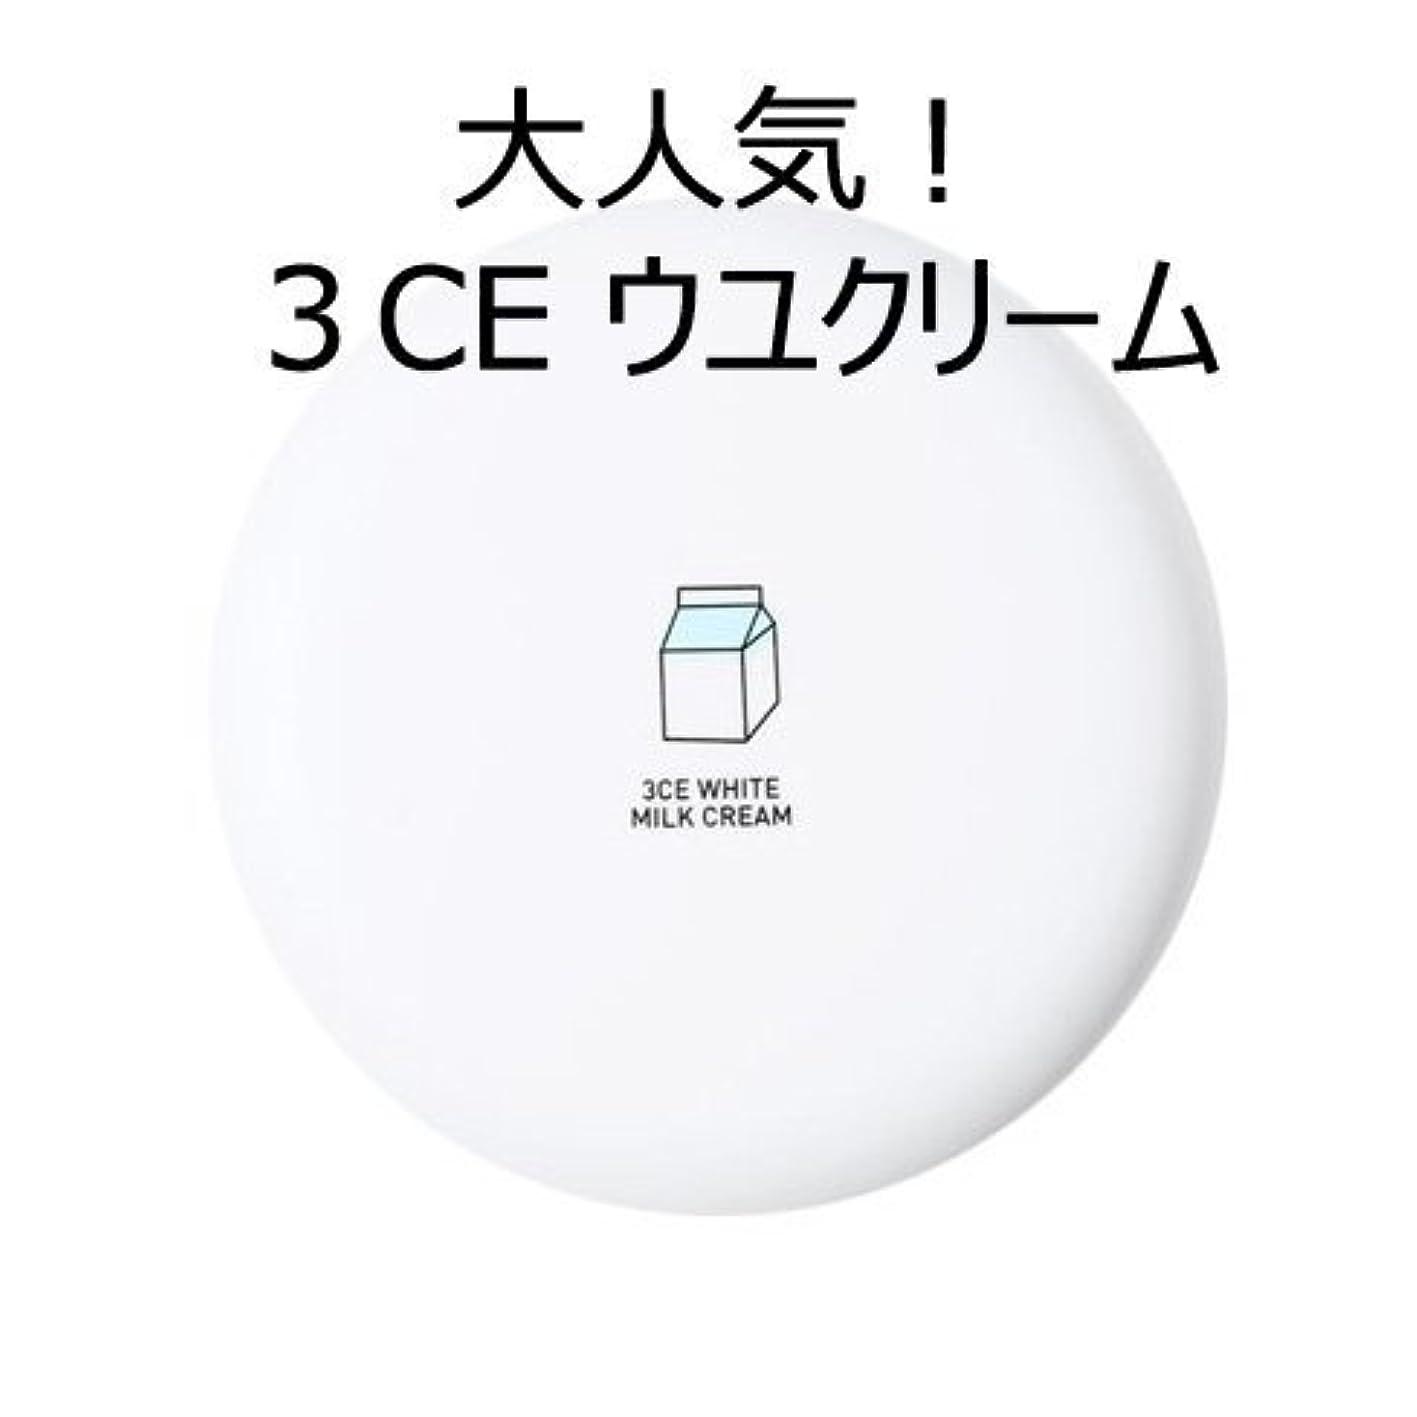 いいねレキシコンサスペンド[3CE] [大人気!話題のウユクリーム] 3CE White Milk Cream [並行輸入品]